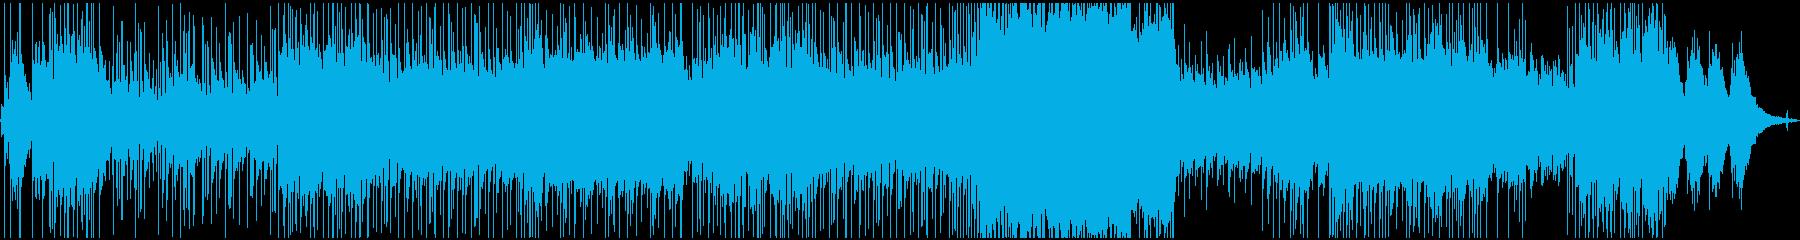 箱庭デイジーの再生済みの波形